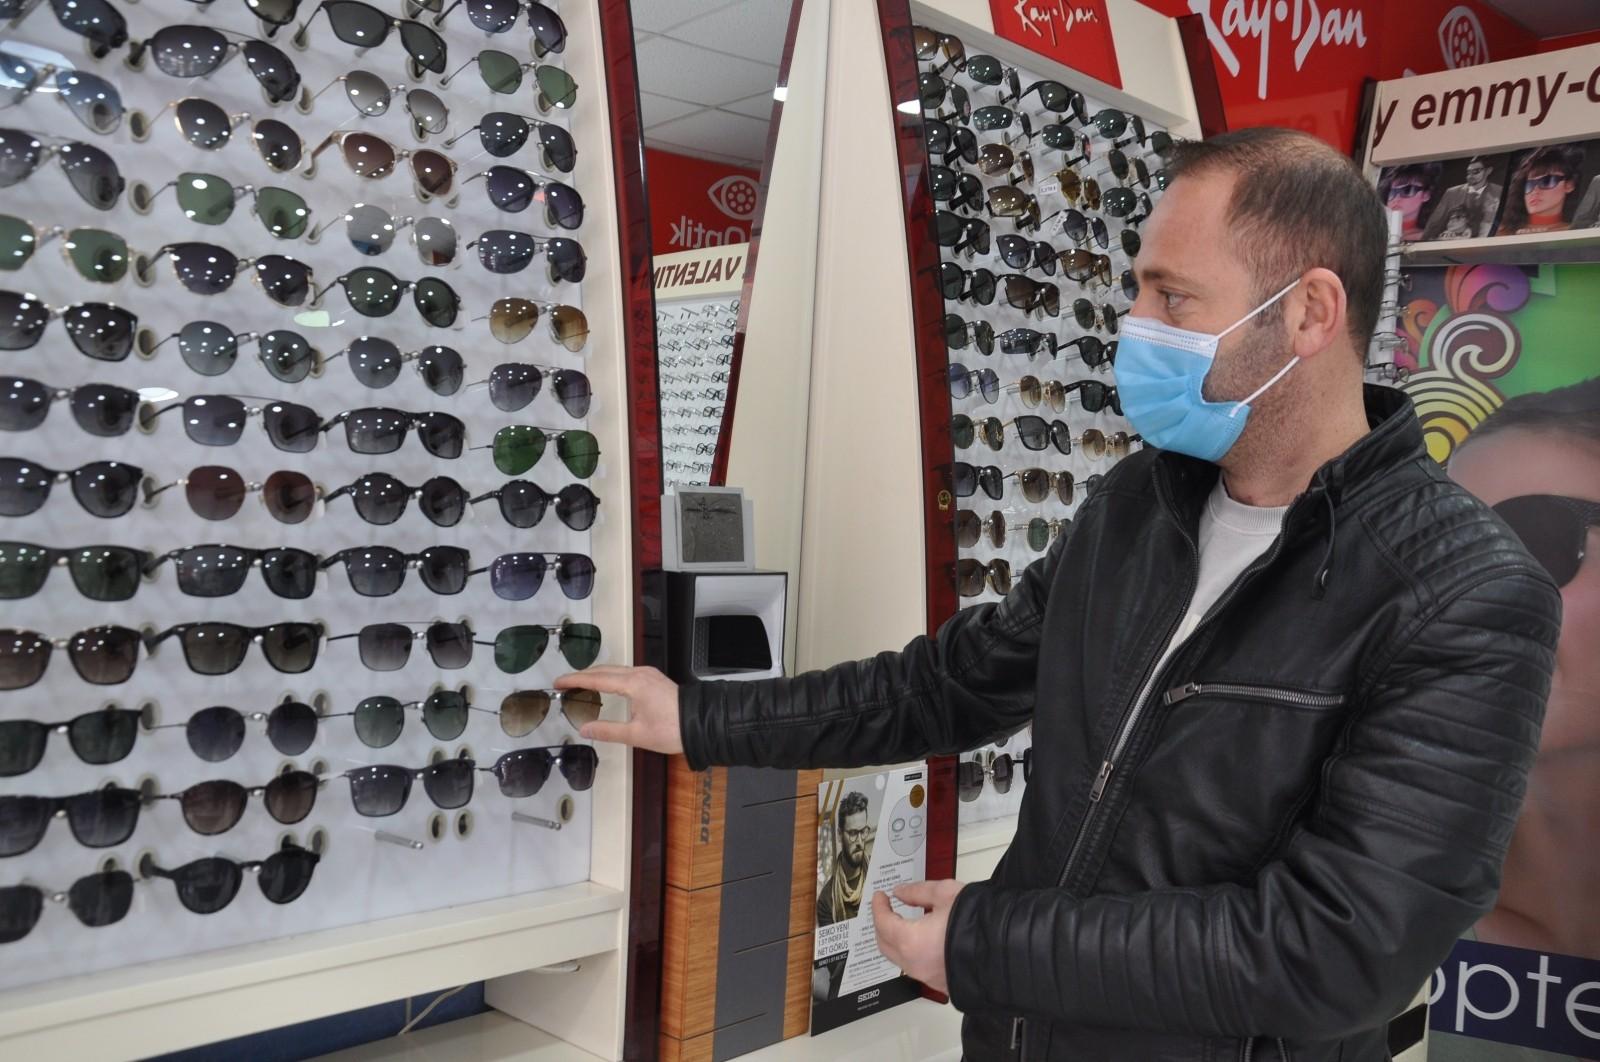 Sahte gözlük alanlar dikkat! Göz sağlığınız tehdit altında olabilir